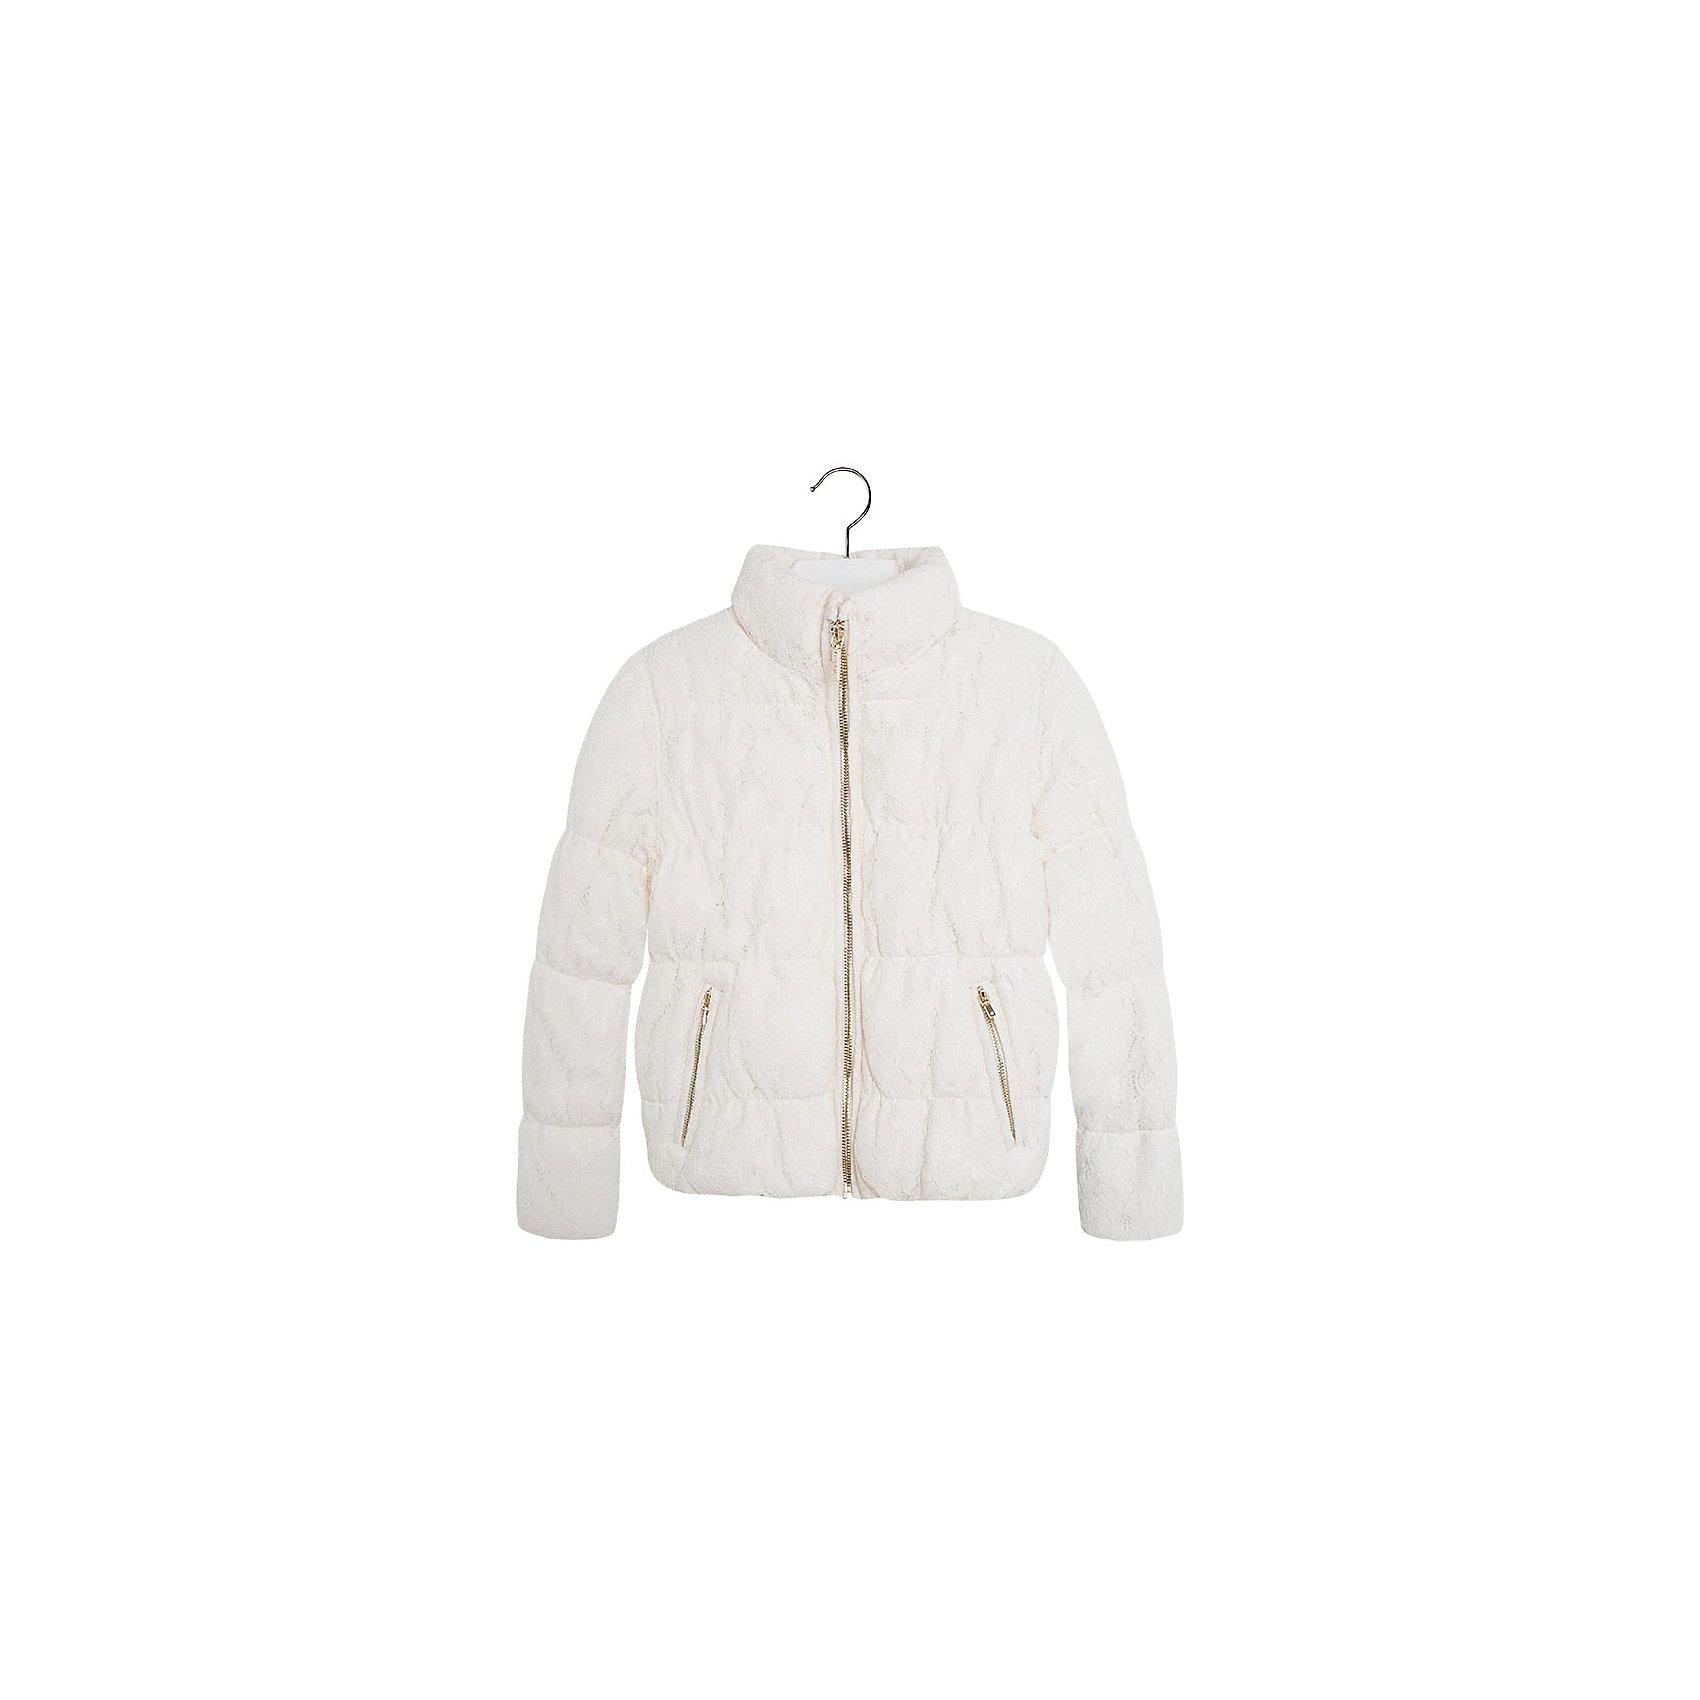 Куртка для девочки MayoralКуртка для девочки от популярной испанской марки Mayoral.<br>Модная куртка от Mayoral – отличный вариант универсальной верхней одежды для детей. Она отлично смотрится с юбками и брюками. Удобный крой и качественный материал обеспечит ребенку комфорт при ношении этой вещи. <br>Модель имеет следующие особенности:<br><br>- цвет: белый;<br>- золотистая фурнитура;<br>- подкладка ;<br>- карманы на молнии;<br>- ворот-стойка;<br>- застежка-молния.<br><br>Дополнительная информация:<br><br>Состав: 61% Хлопок 24% Полиамид 15% Вискоза<br><br>Уход за изделием:<br><br>стирка в машине при температуре до 30°С,<br>не отбеливать.<br><br>Температурный режим:<br><br>от +0° С до +15° С<br><br>Куртку для девочки Mayoral (Майорал) можно купить в нашем магазине.<br><br>Ширина мм: 356<br>Глубина мм: 10<br>Высота мм: 245<br>Вес г: 519<br>Цвет: белый<br>Возраст от месяцев: 132<br>Возраст до месяцев: 144<br>Пол: Женский<br>Возраст: Детский<br>Размер: 152,128,164,158,140<br>SKU: 4190220